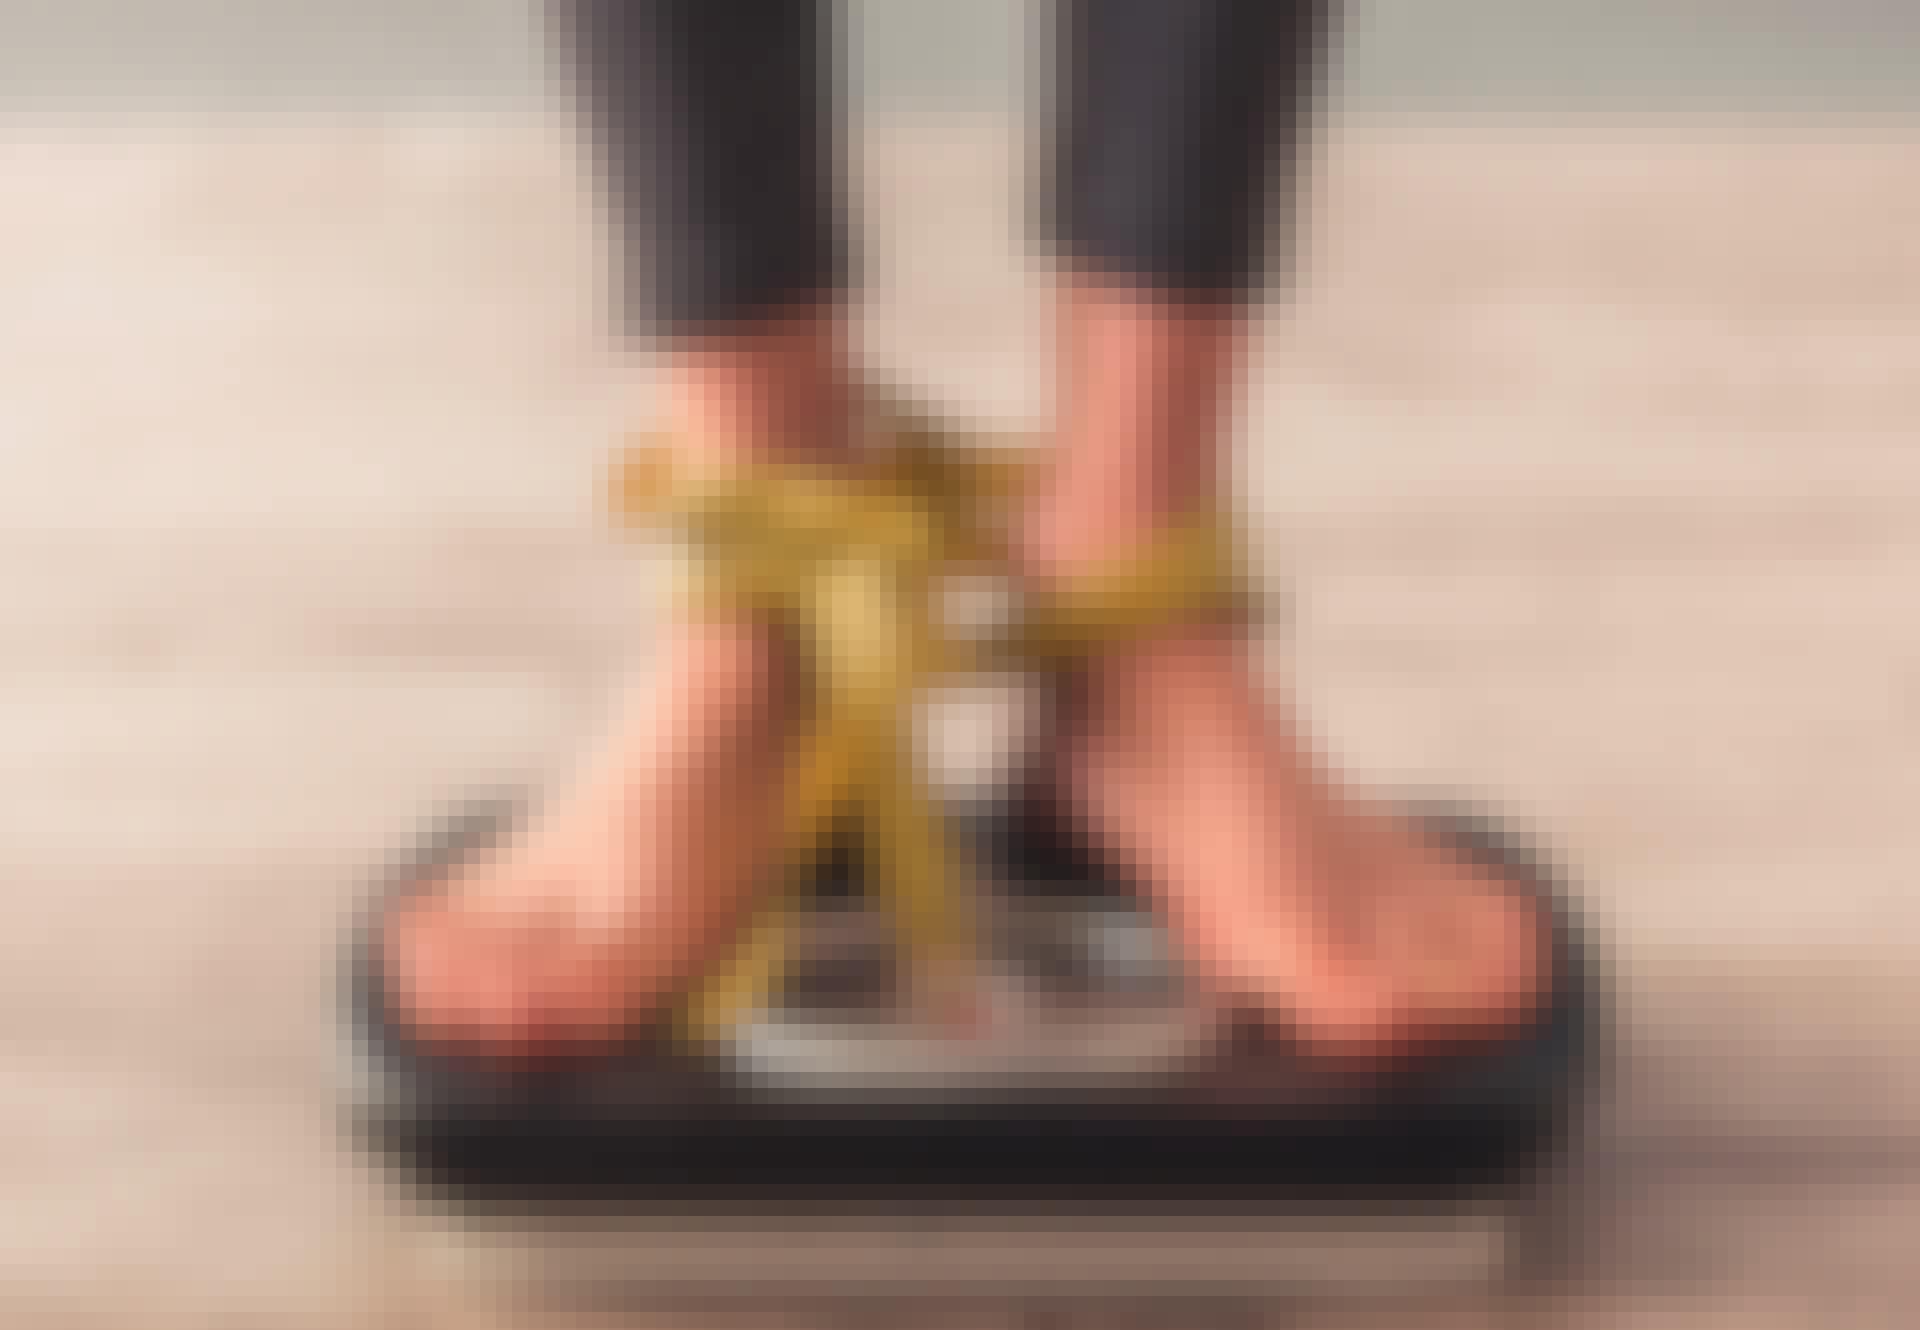 vægt, fødder, målebånd